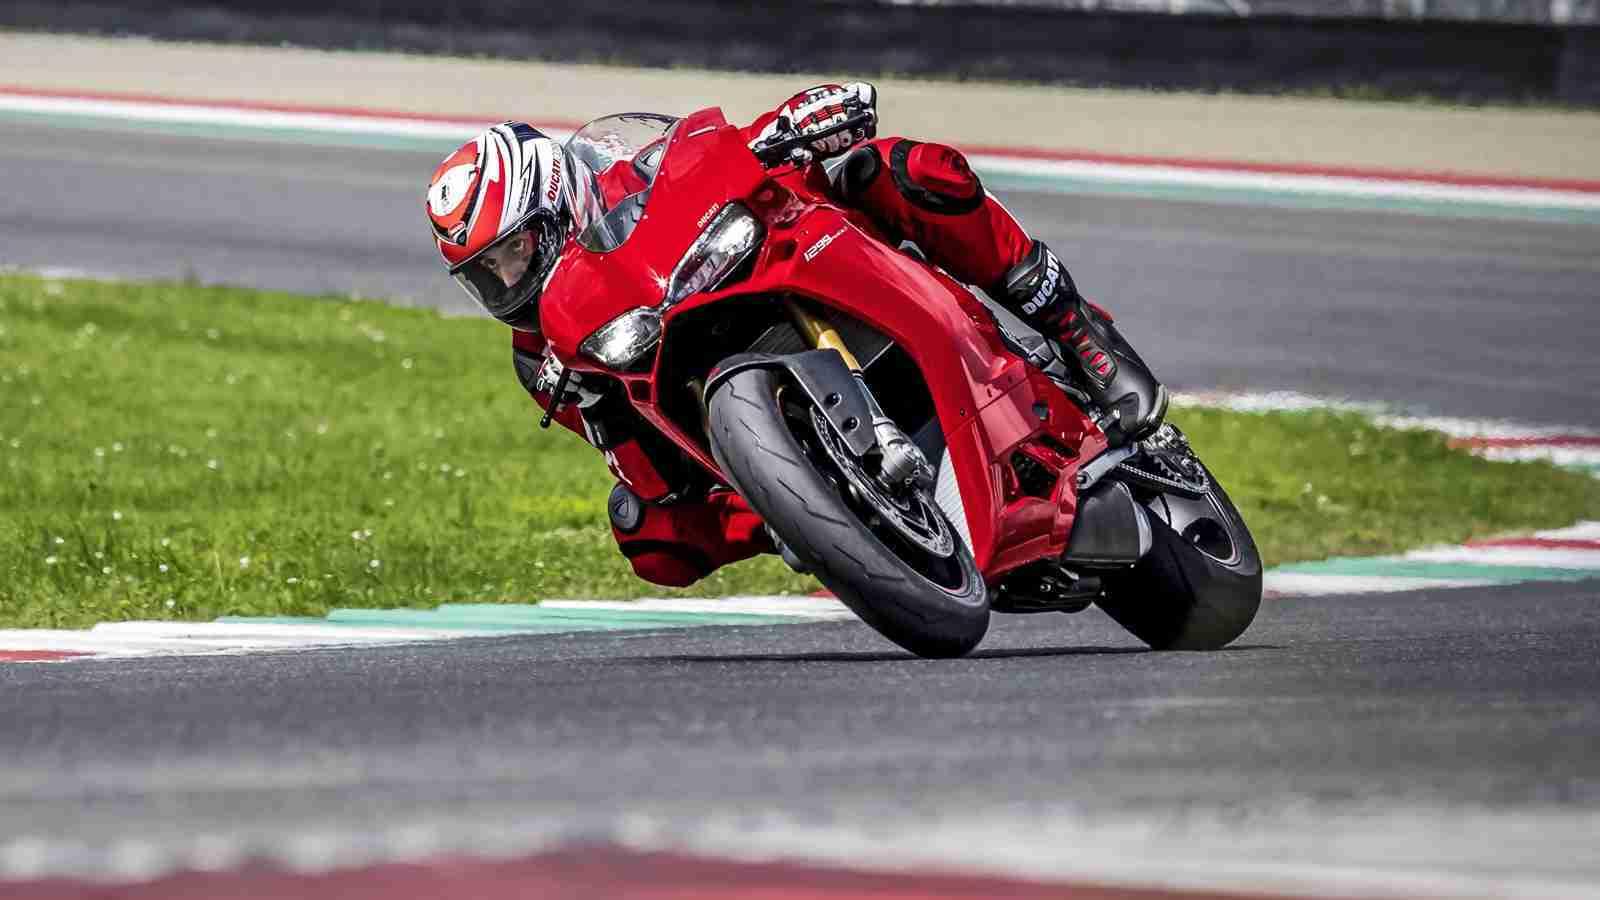 Ducati Traction Control EVO 1299 Panigale